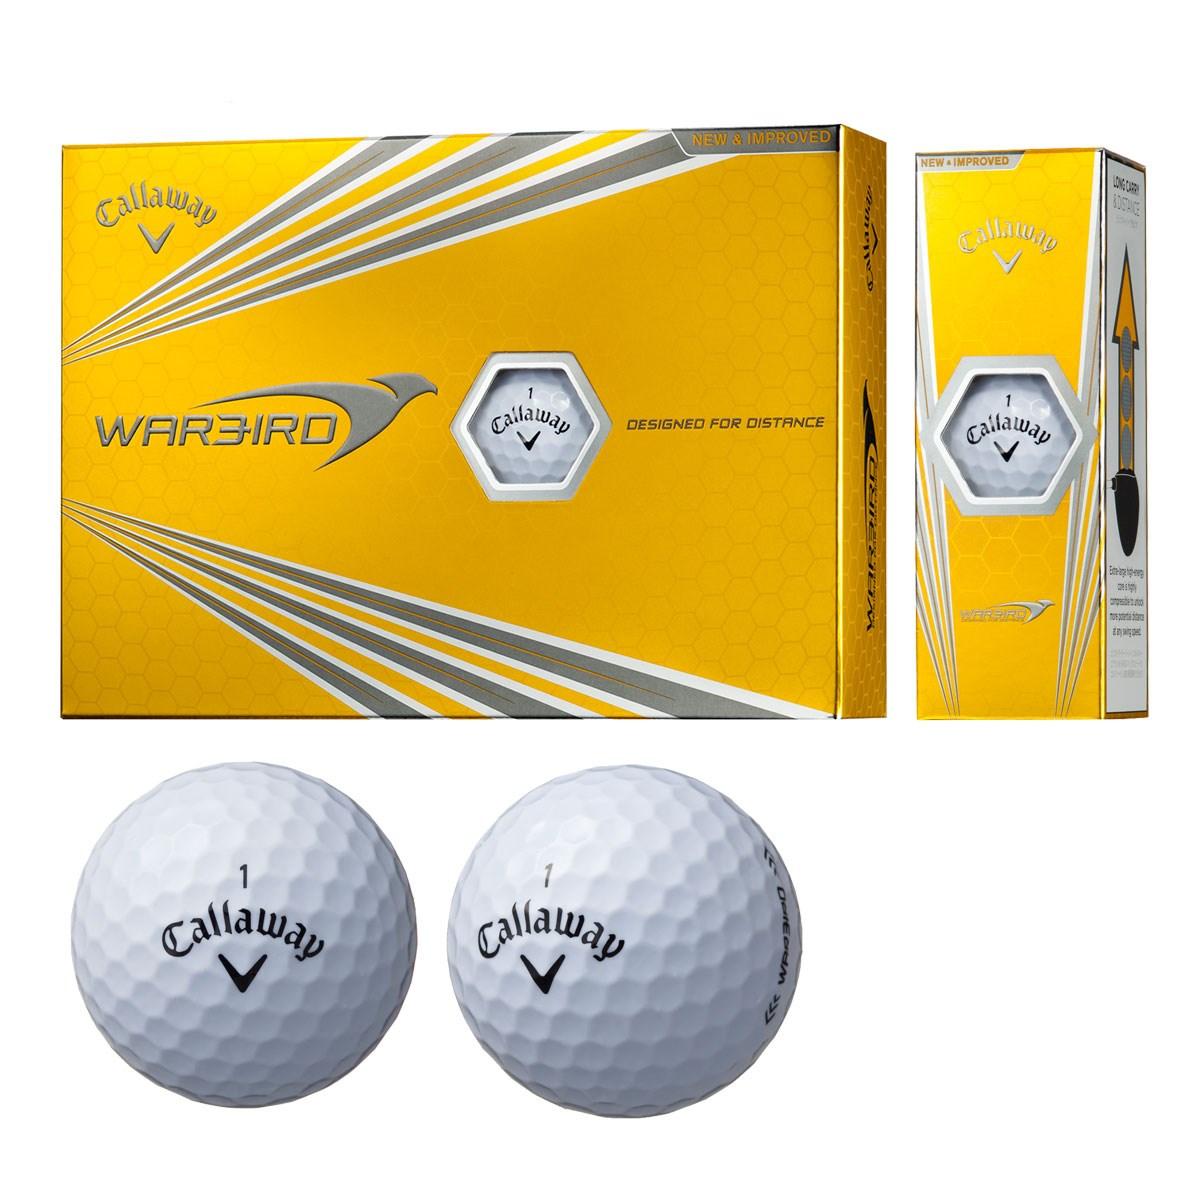 キャロウェイゴルフ WARBIRD ウォーバード ボール 2017年モデル 1ダース(12個入り) ホワイト